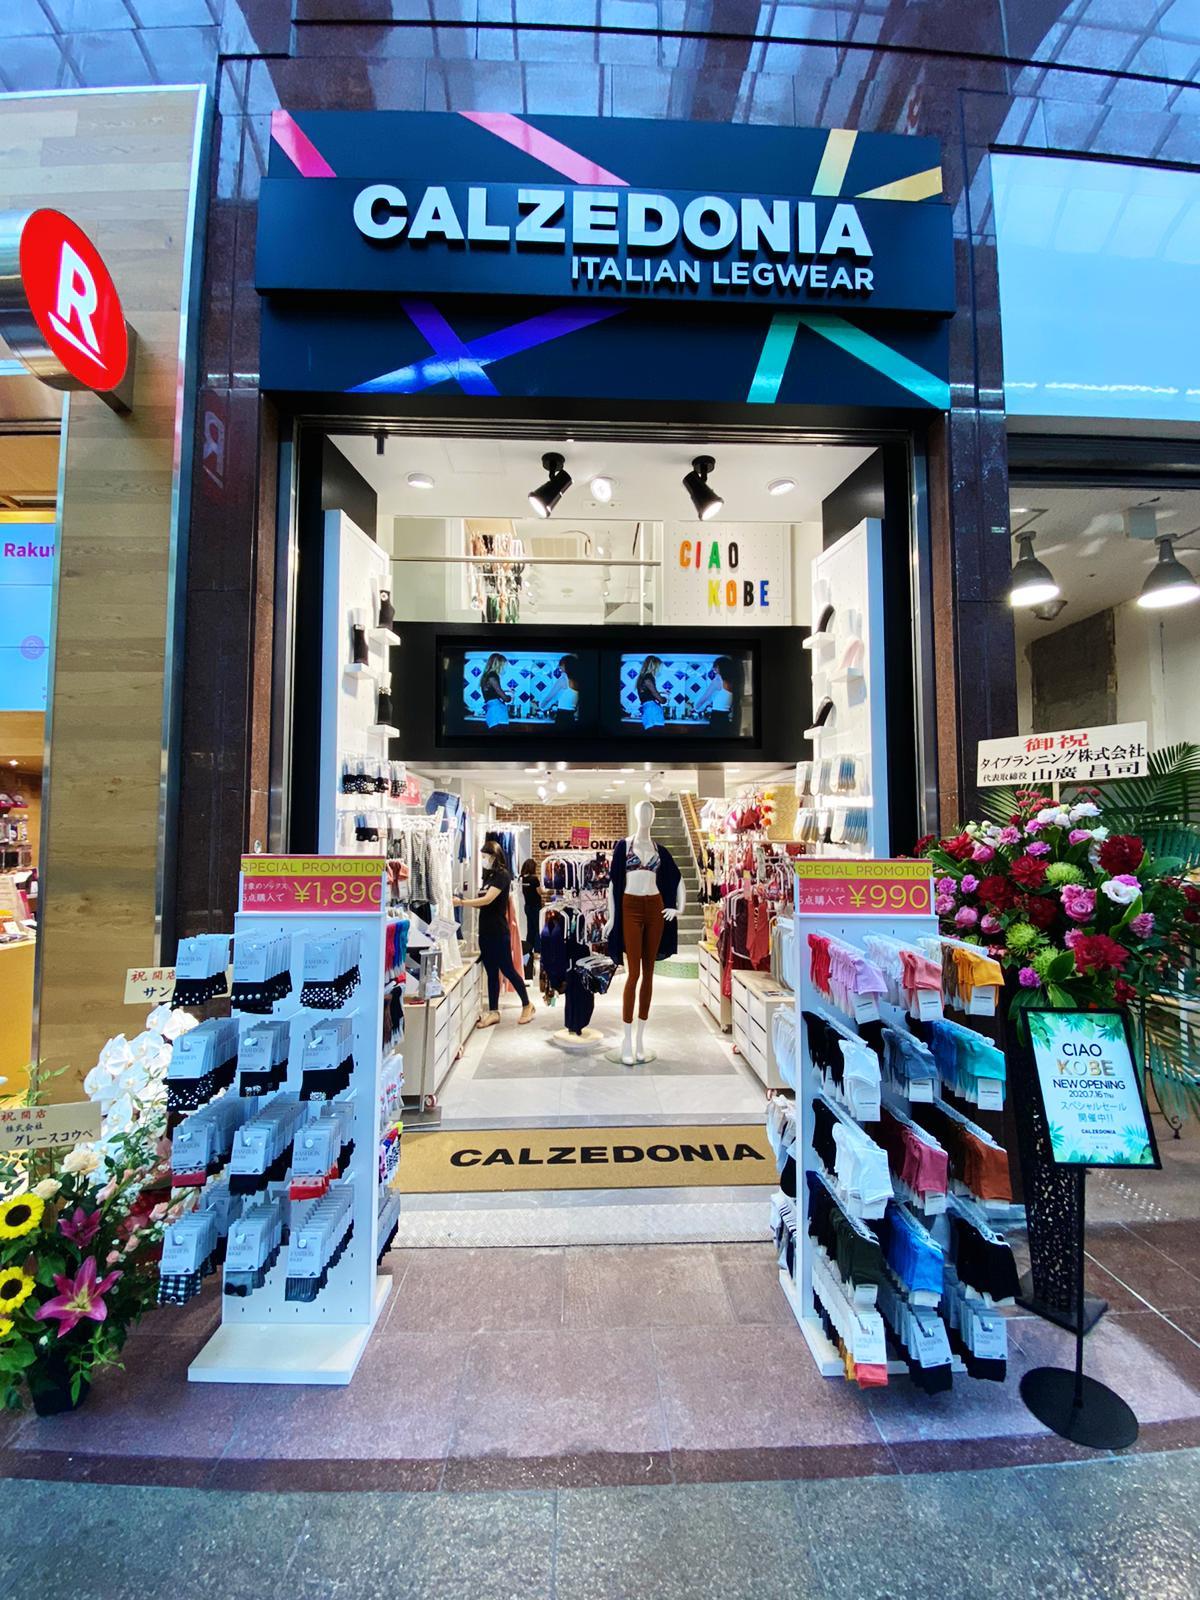 CALZEDONIA (カルツェドニア) とIntimissimi (インティミッシミ )、ニューショップを神戸にオープン